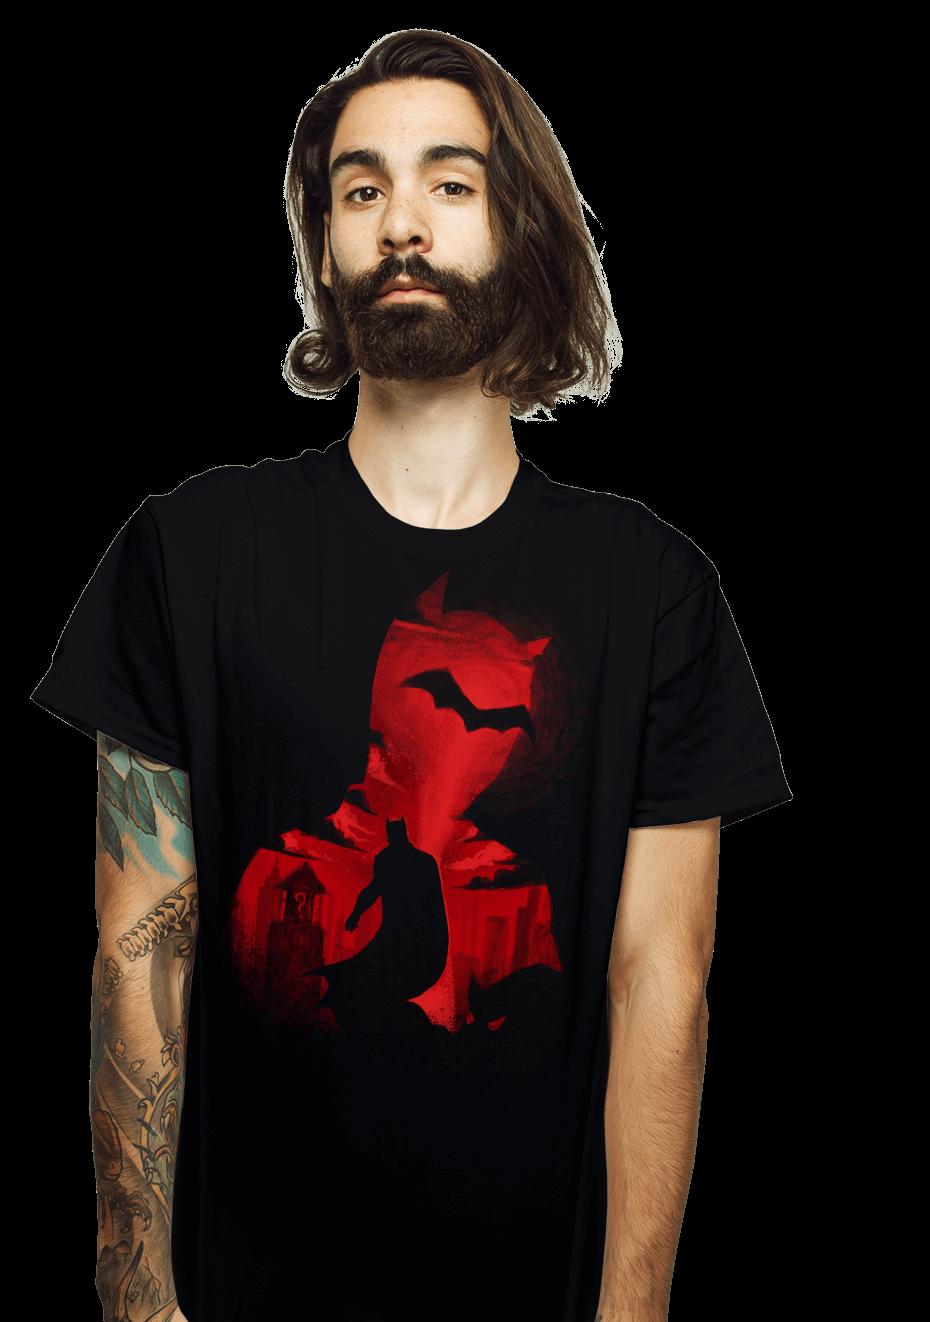 ShirtPunch: Dark Call